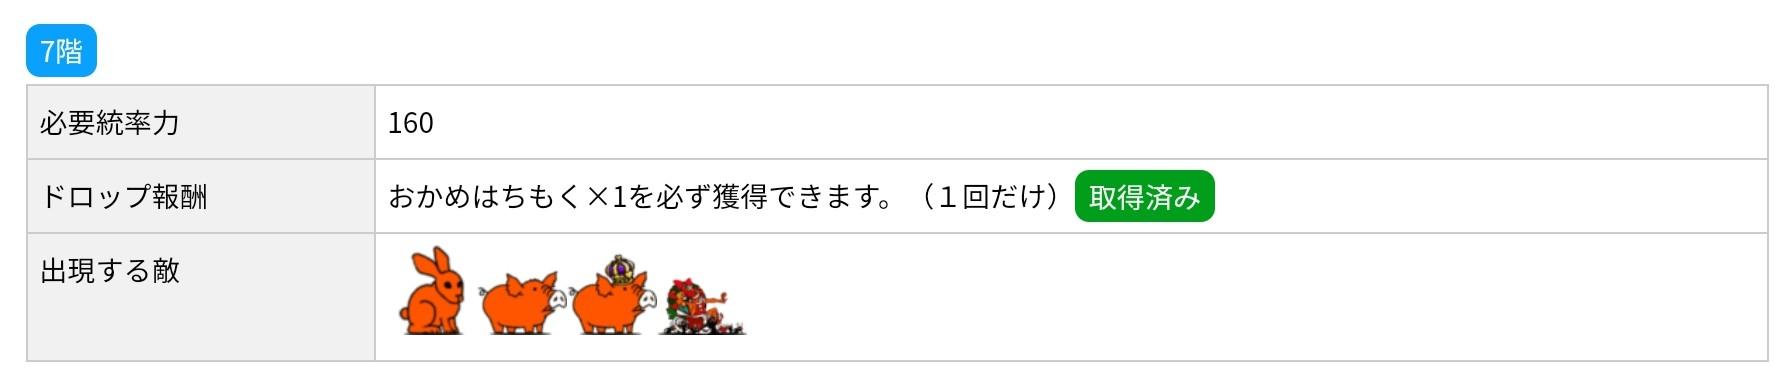 にゃんこ別塔(赤)7階 敵編成